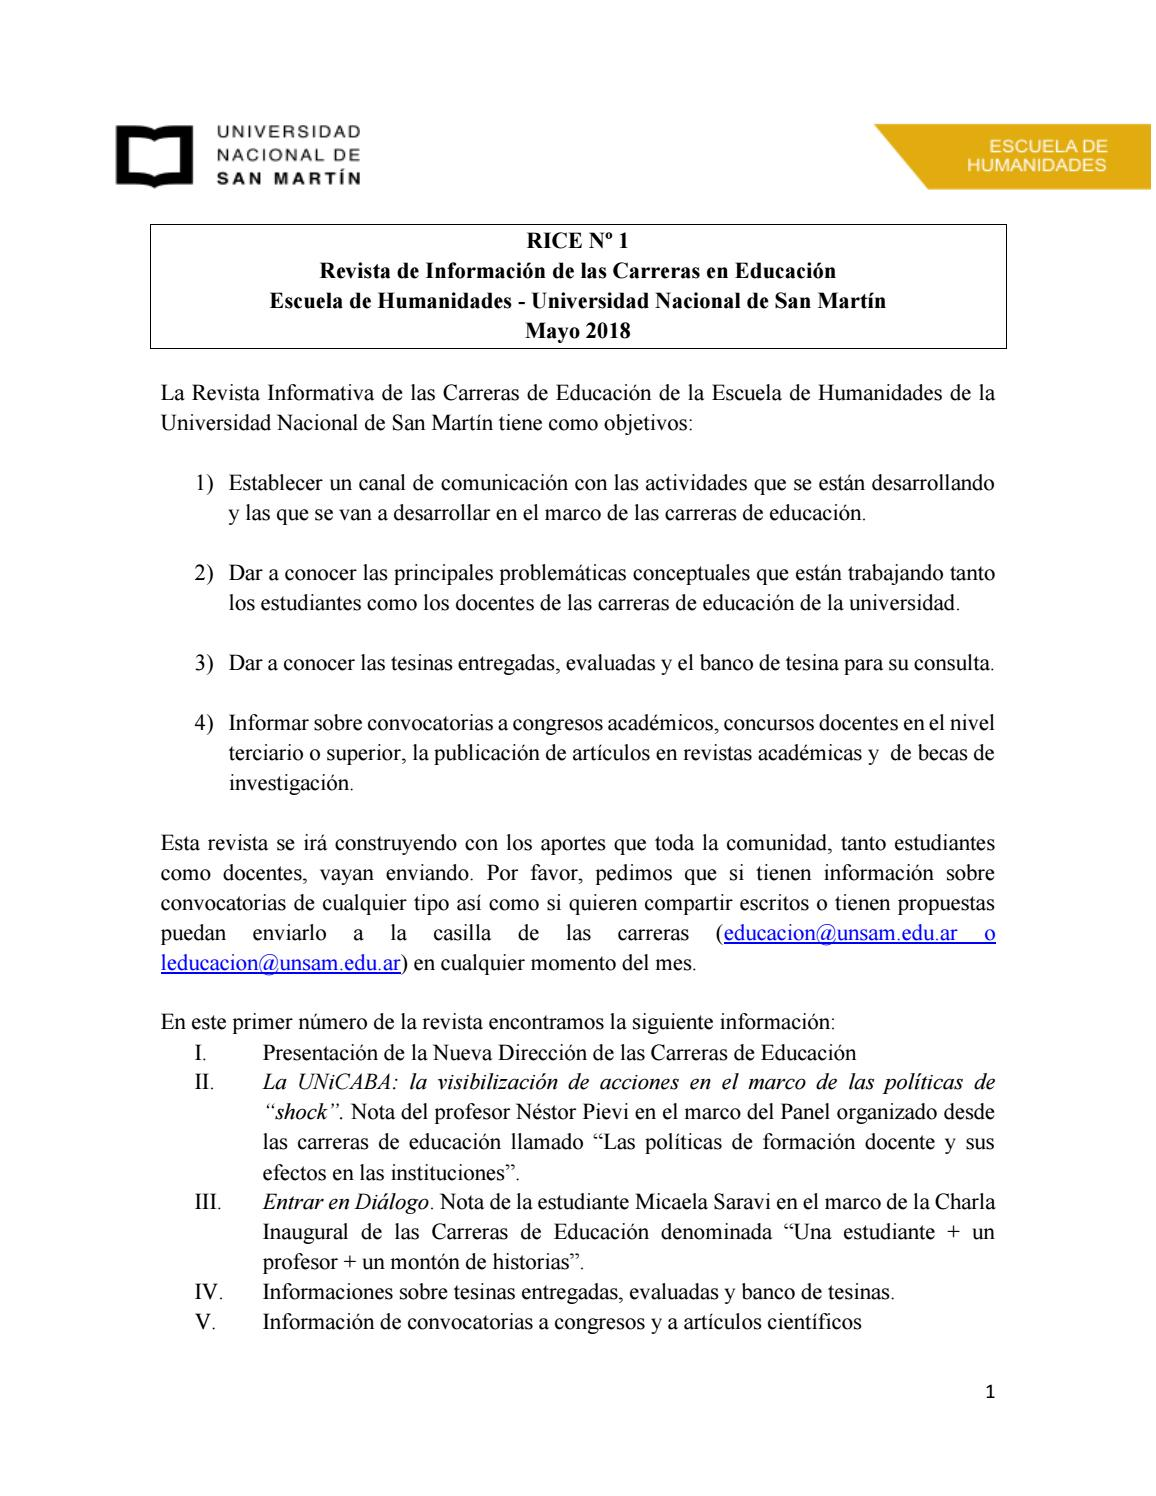 Revista de comunicación mayo 2018 by educacion - issuu